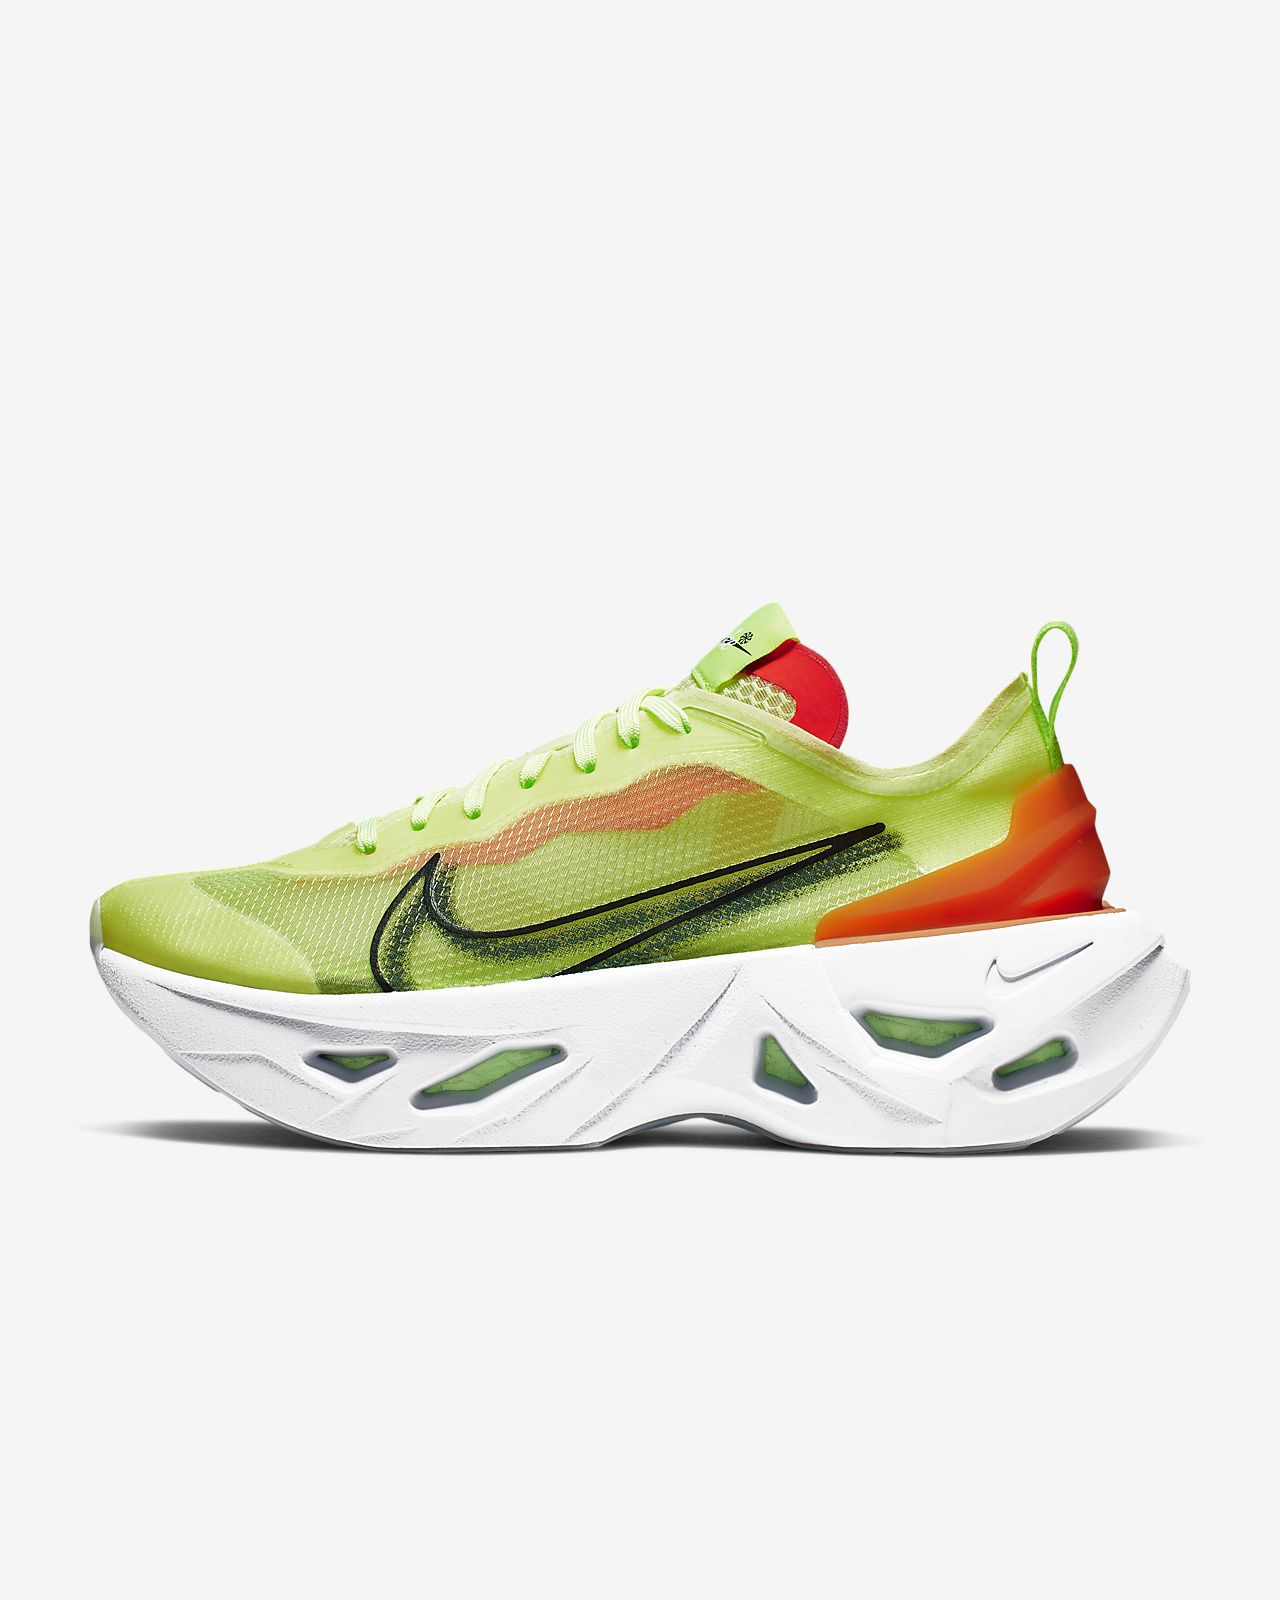 Nike Zoom X Vista Grind 女子运动鞋